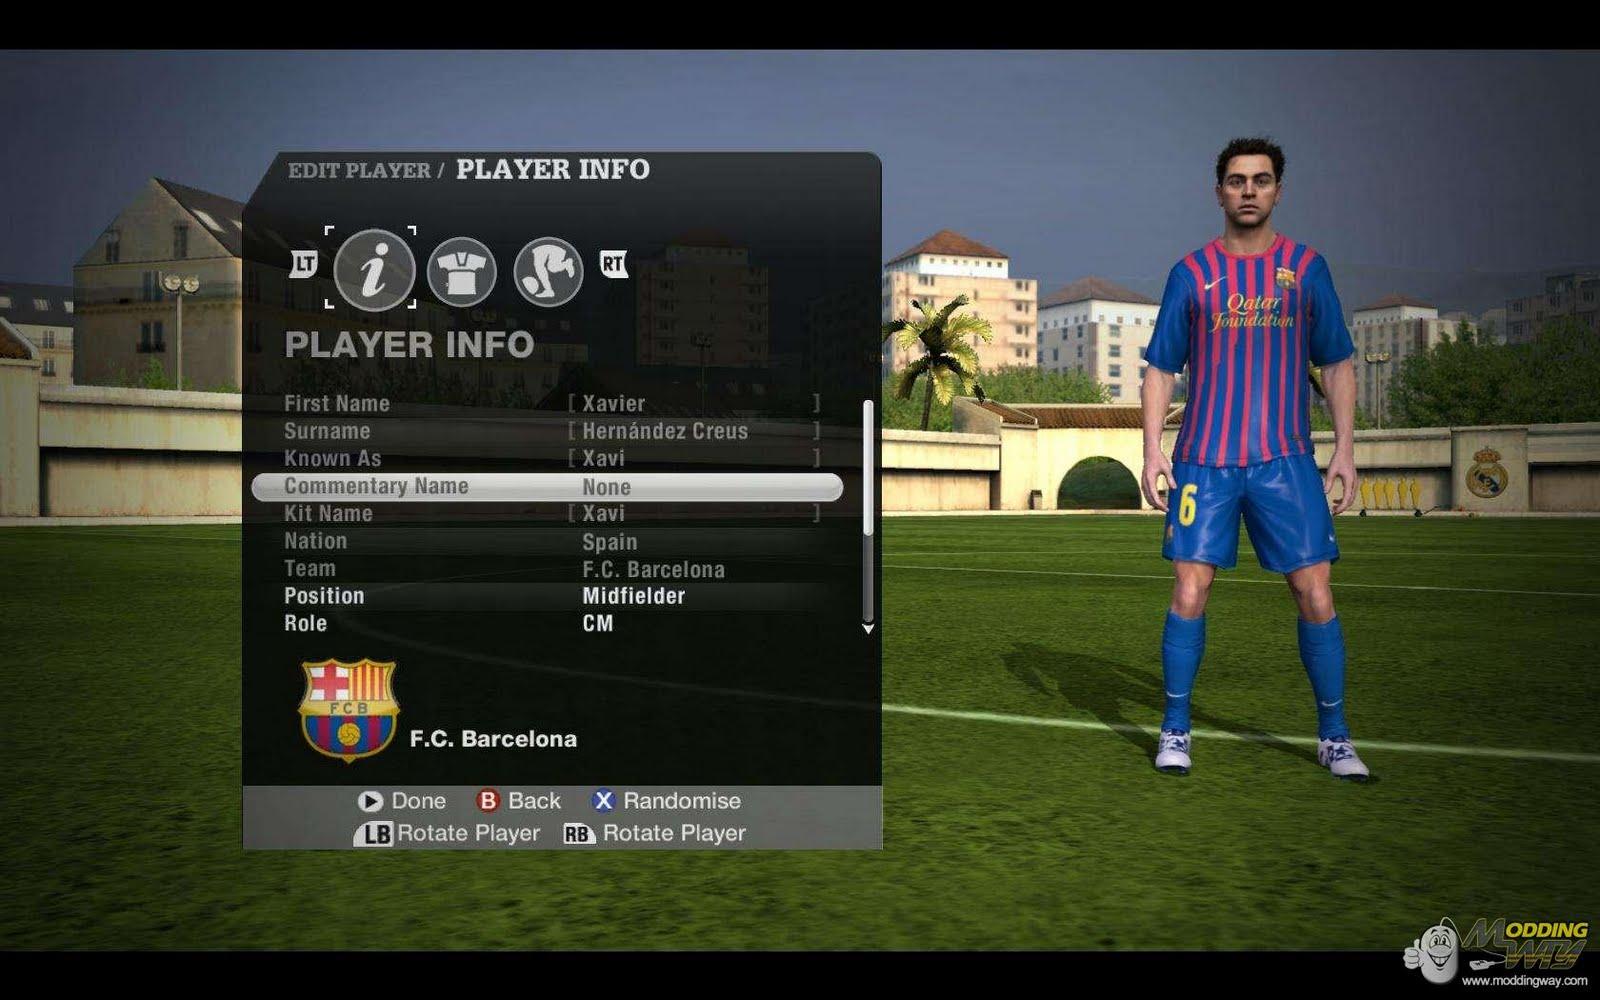 6 дн. назад FIFA Dome Patch 11 v1.0 Этот патч для FIFA 11 обновит ф.